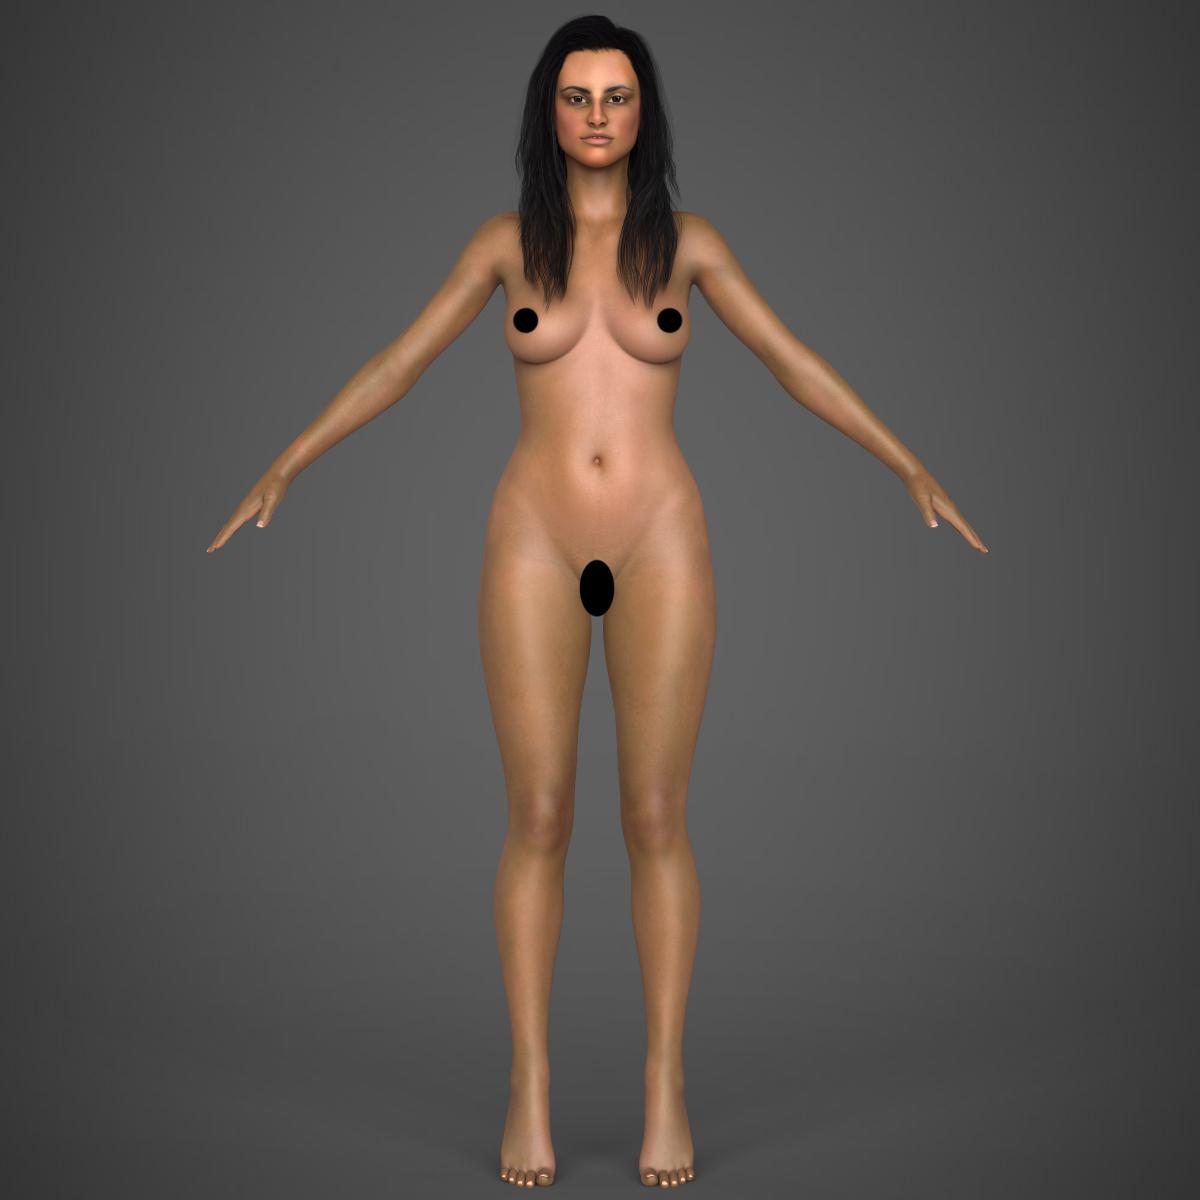 young sexy woman 3d model max fbx c4d ma mb texture obj 221224